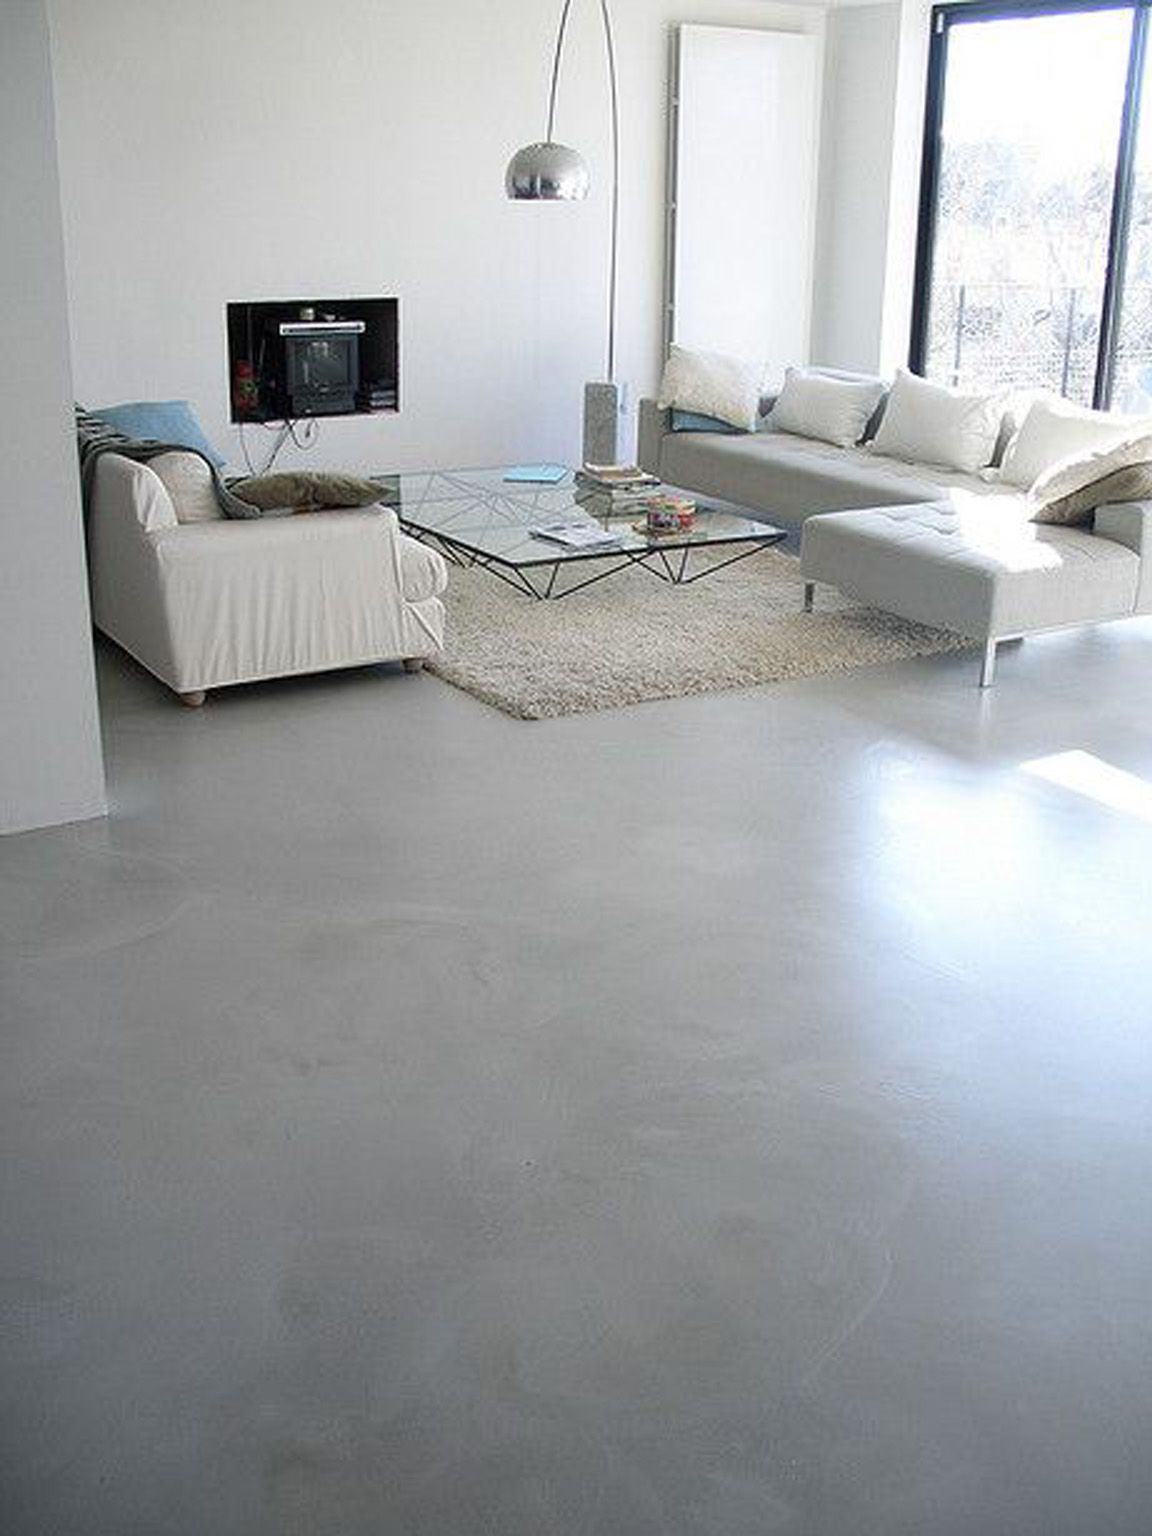 resine pavimento sda blog make design le resine pinterest fu boden estrich e bodenbelag. Black Bedroom Furniture Sets. Home Design Ideas